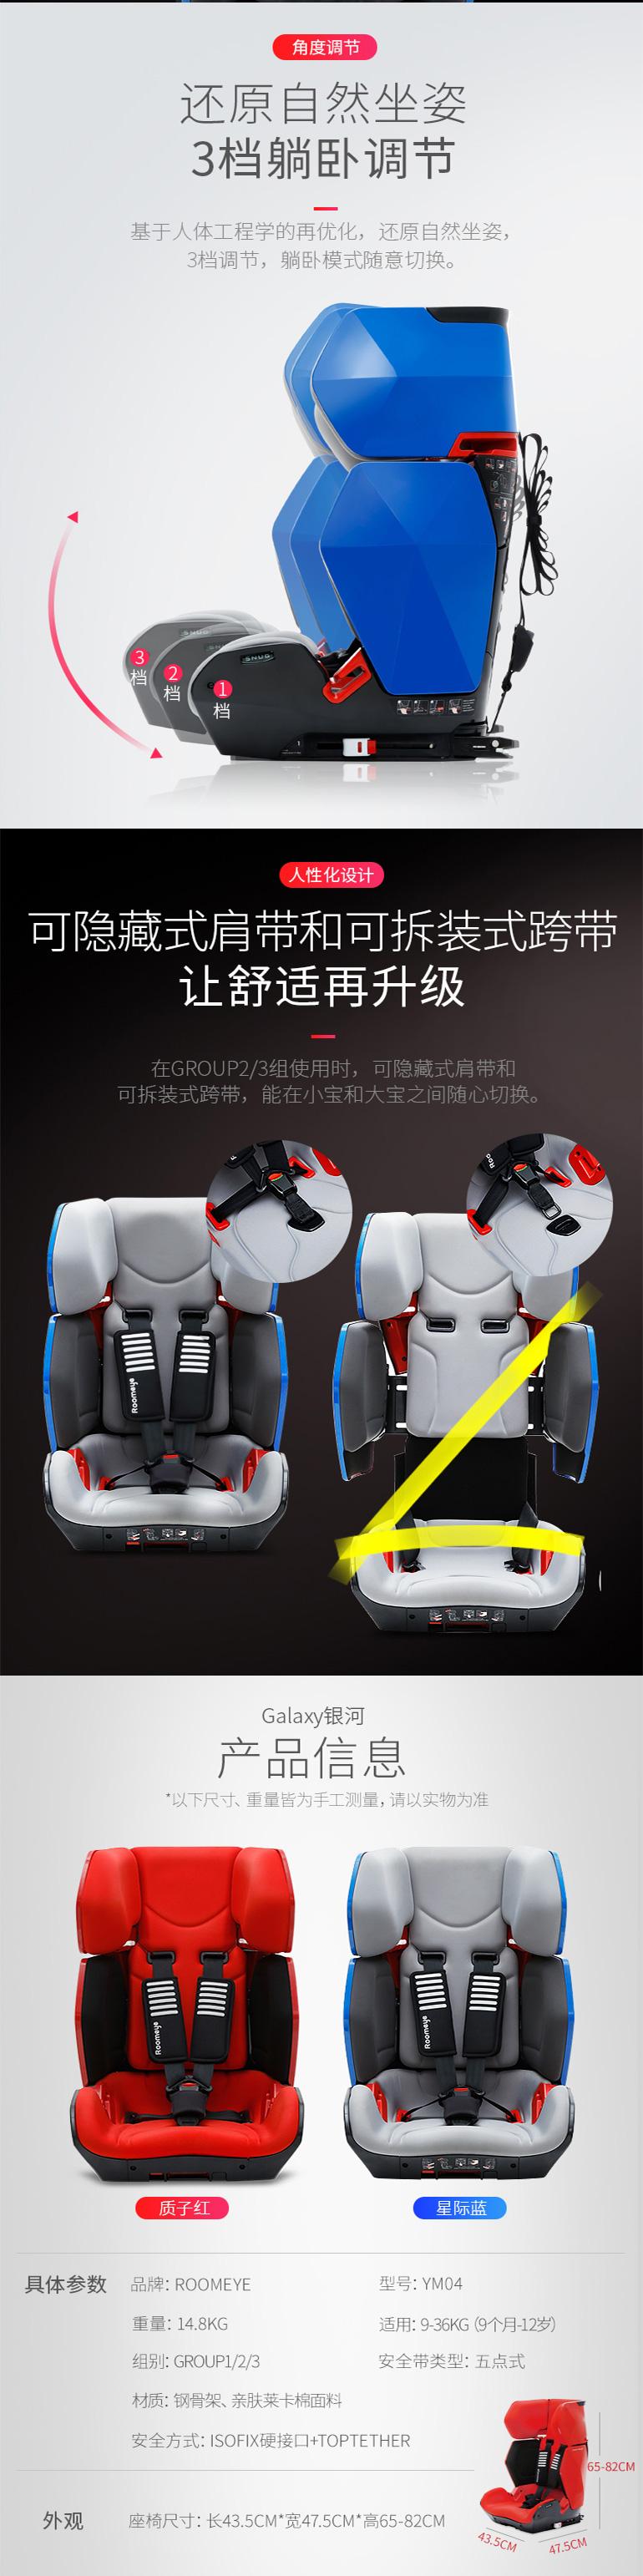 带宝宝穿越时空的安全座椅